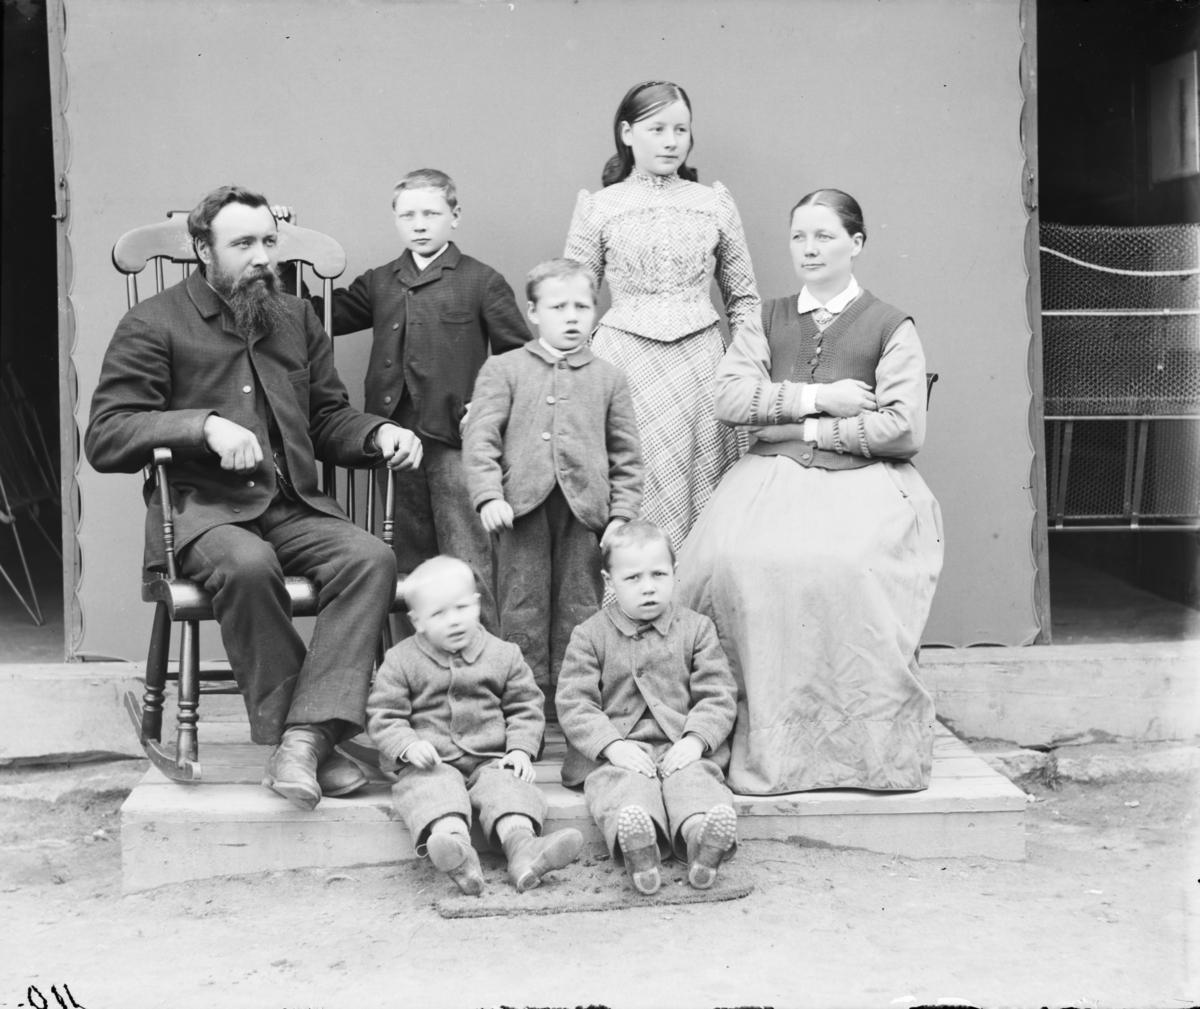 Christian A. Hjelter, (f 28.03.1850 - d 1926) fra Sjåk med familie. Gift 1875 med Magnhild Rolvsdtatter fra Sygard Kvåle. De fikk 11 barn i tidsrommet 1876-1899. Christian var gardeiger, hotelleiger og politiker og ordfører i to perioder 1882-83 og 1892-93.